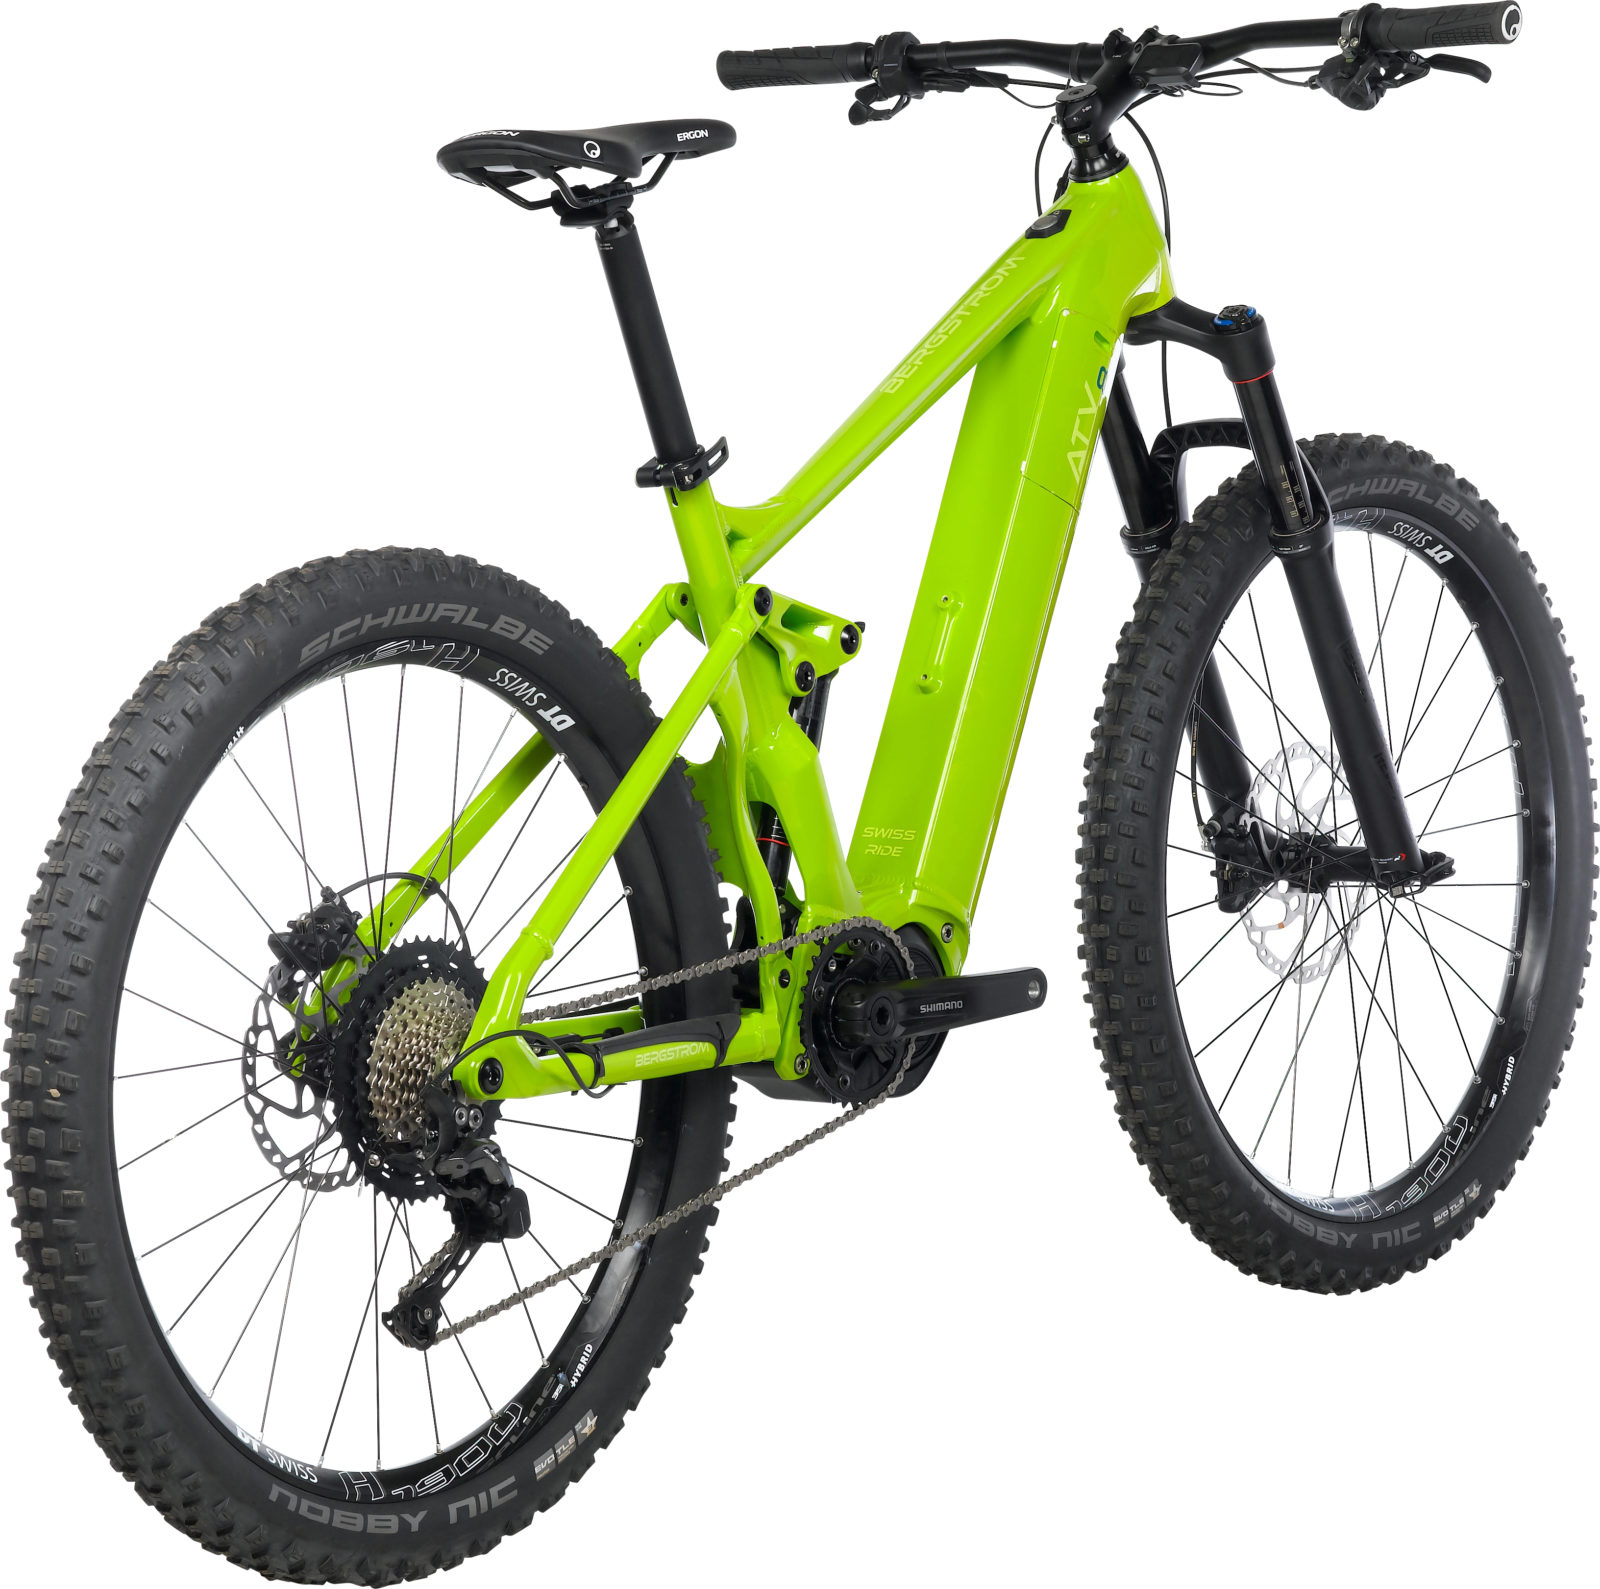 Bergstrom ATV 840 – eMTB